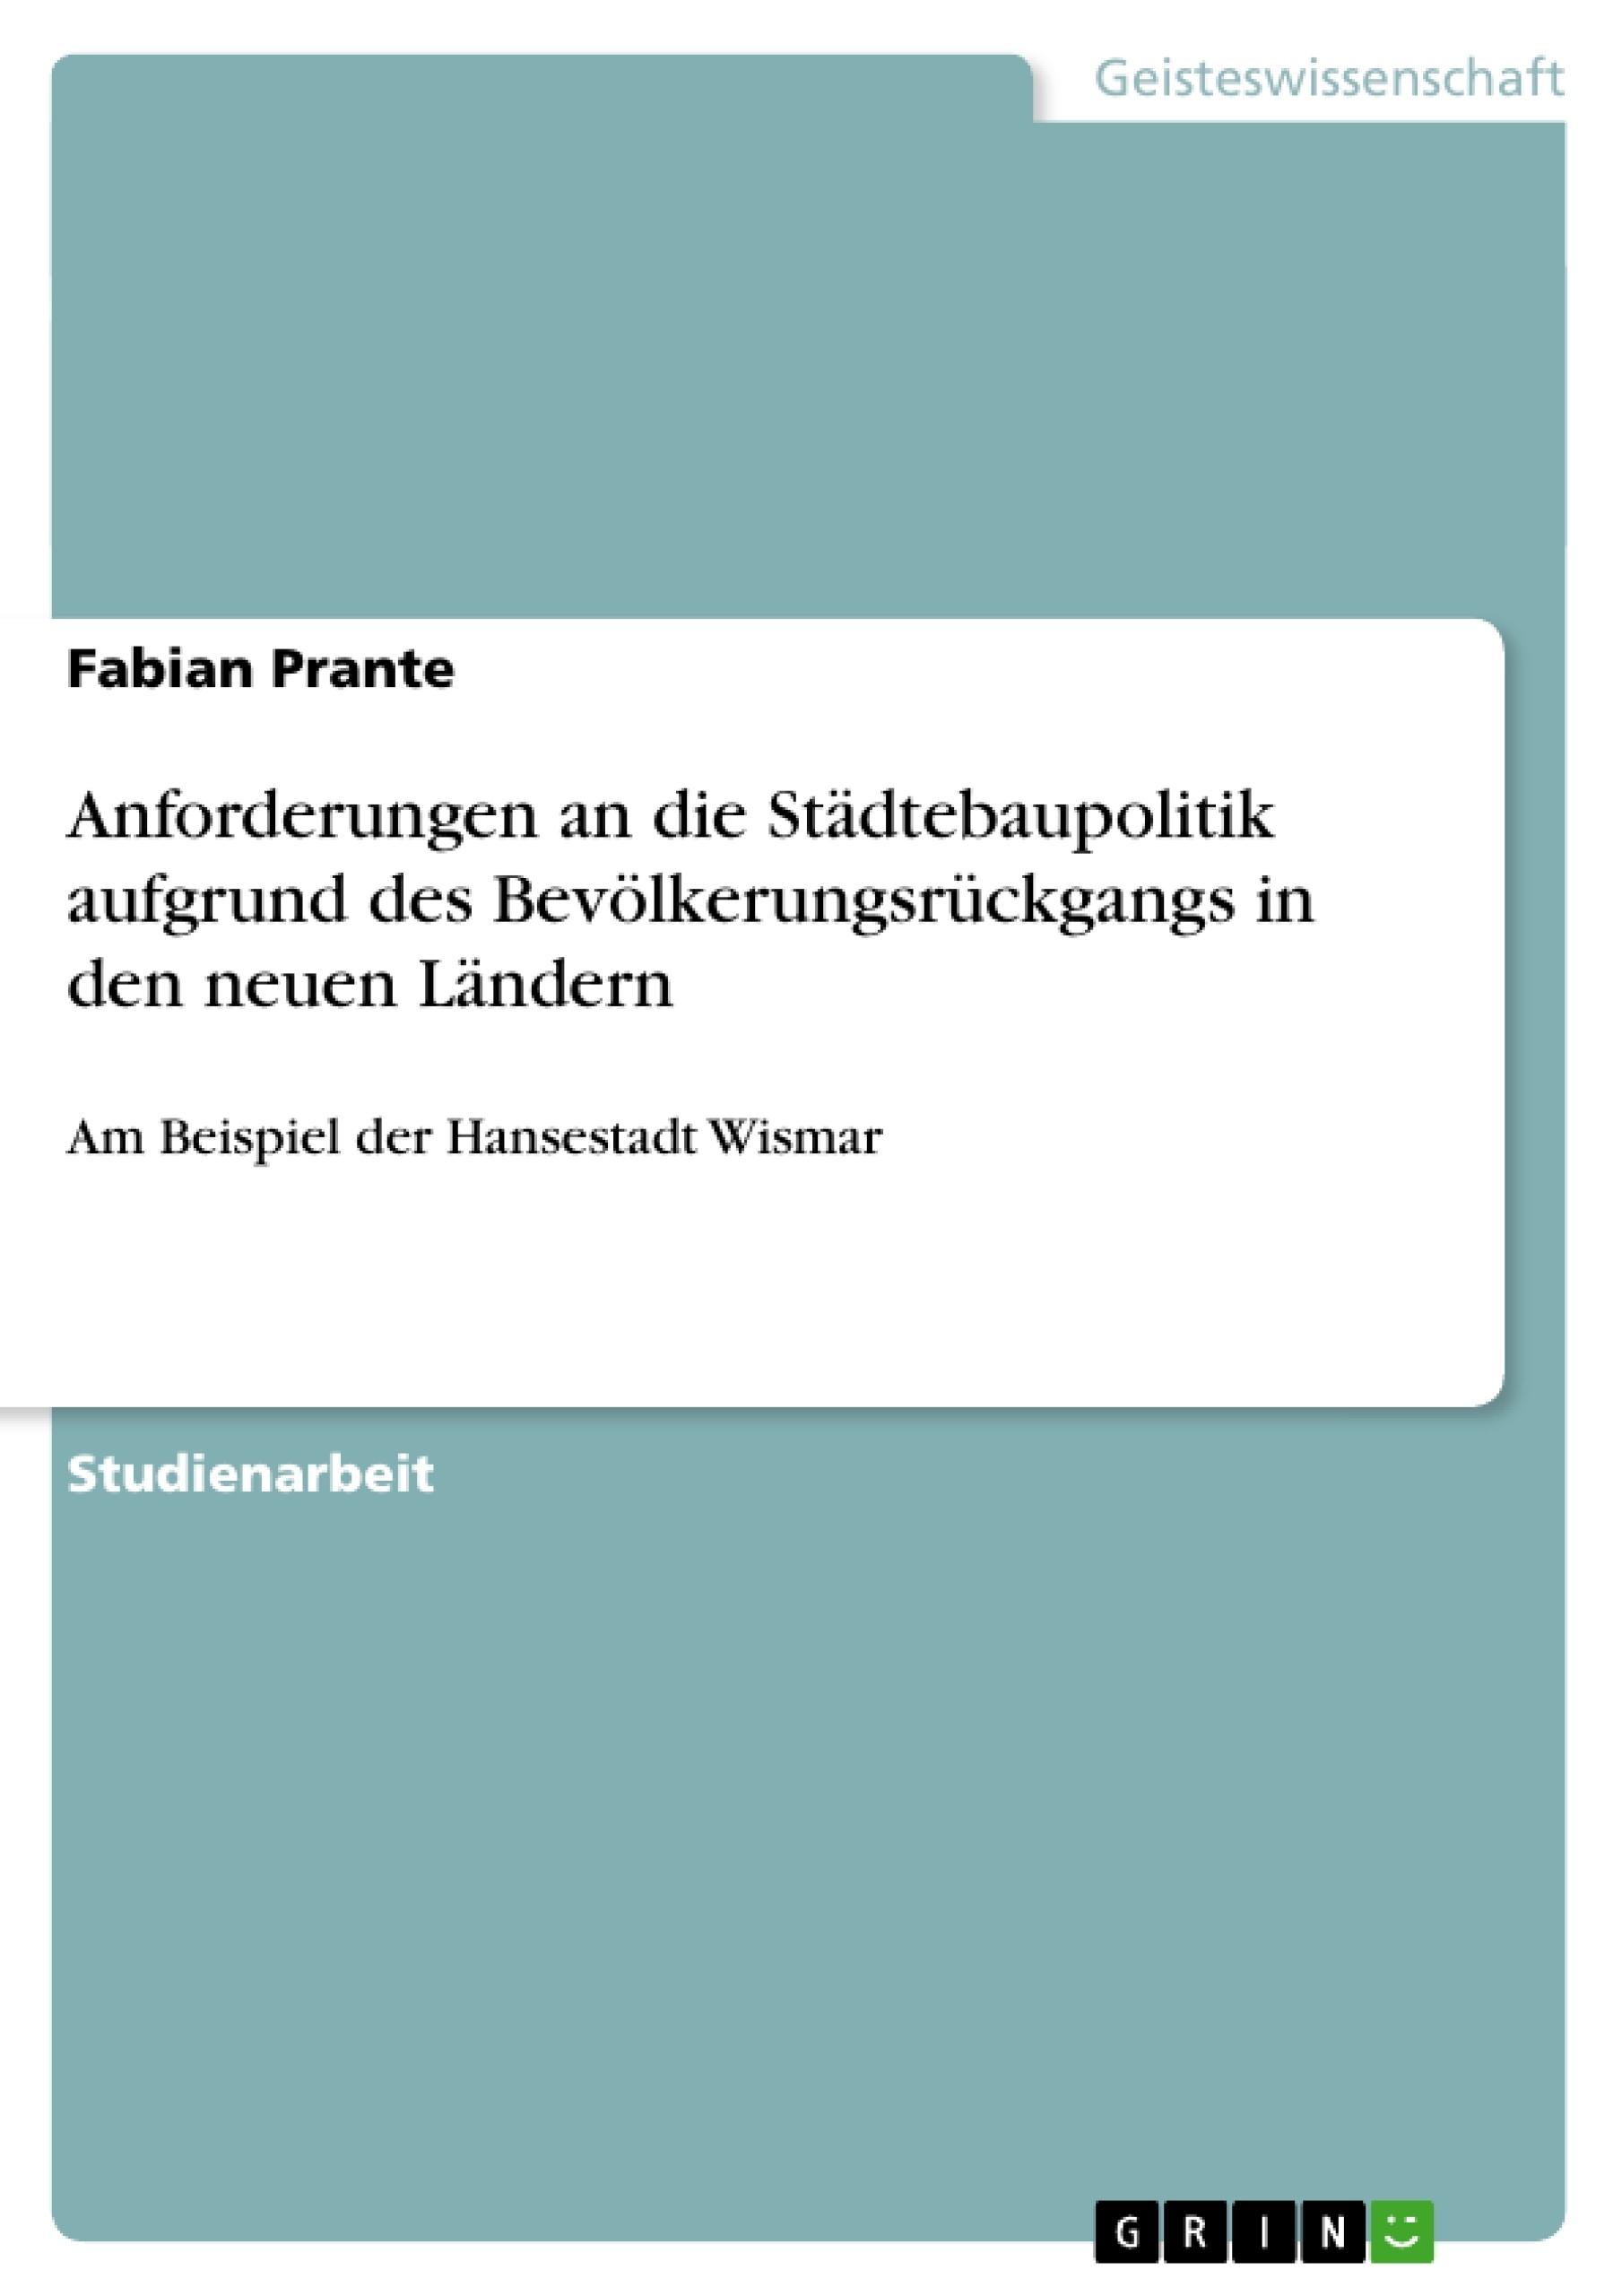 Titel: Anforderungen an die Städtebaupolitik aufgrund des Bevölkerungsrückgangs in den neuen Ländern